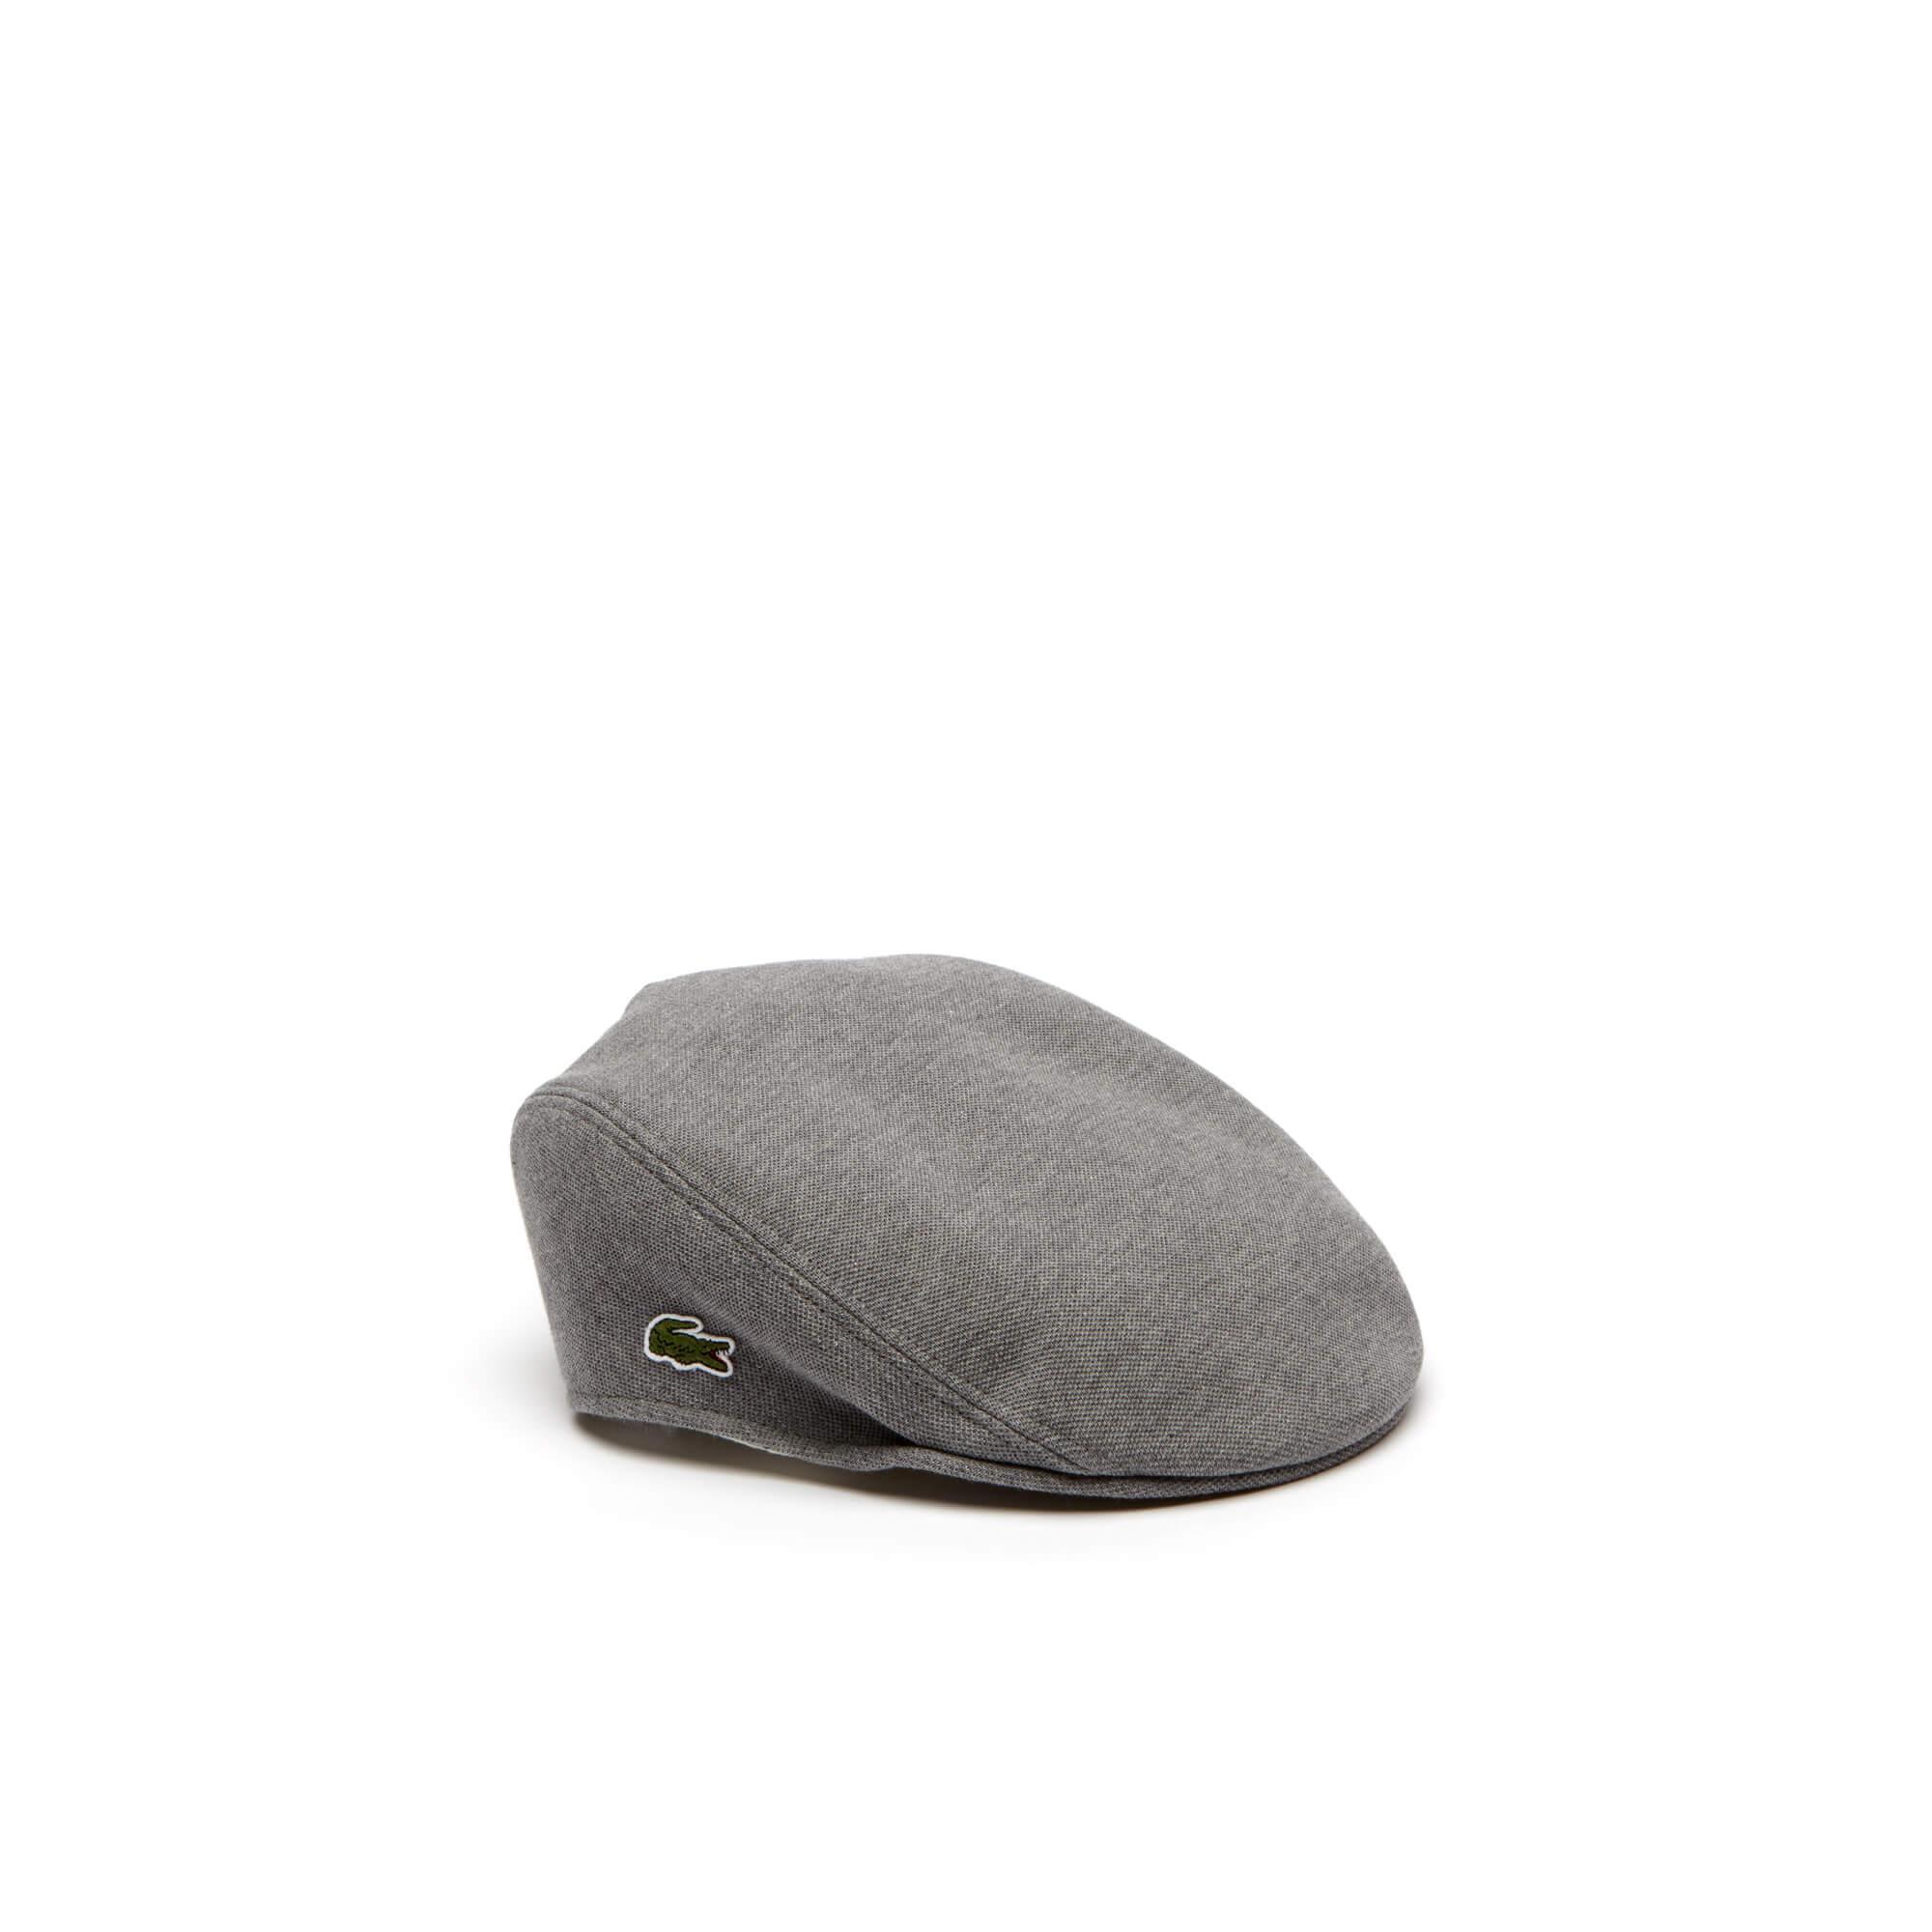 Lacoste Erkek Gri Şapka